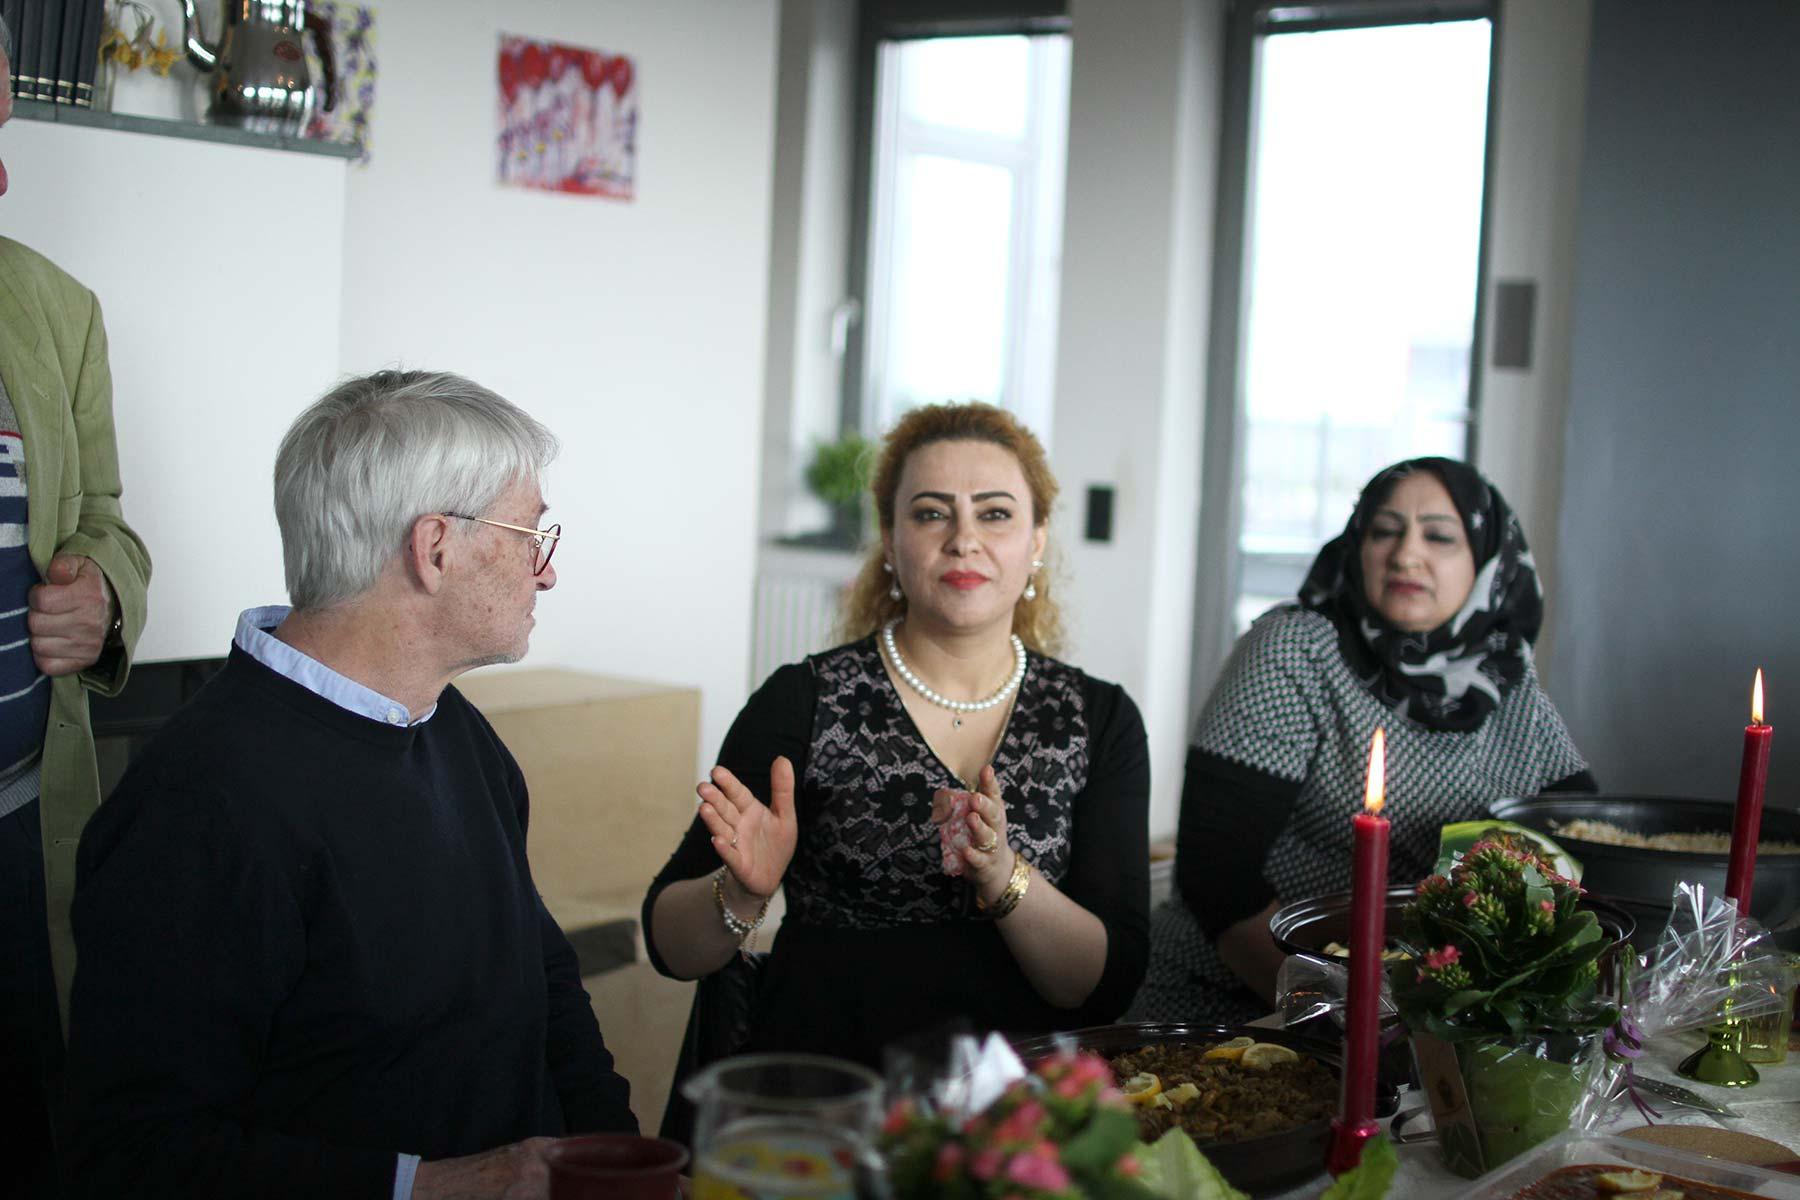 Performativen gemeinsamen Essens von Geflüchteten in der Umgebung des Haus der Statistik, initiiert von Nahed Mansour